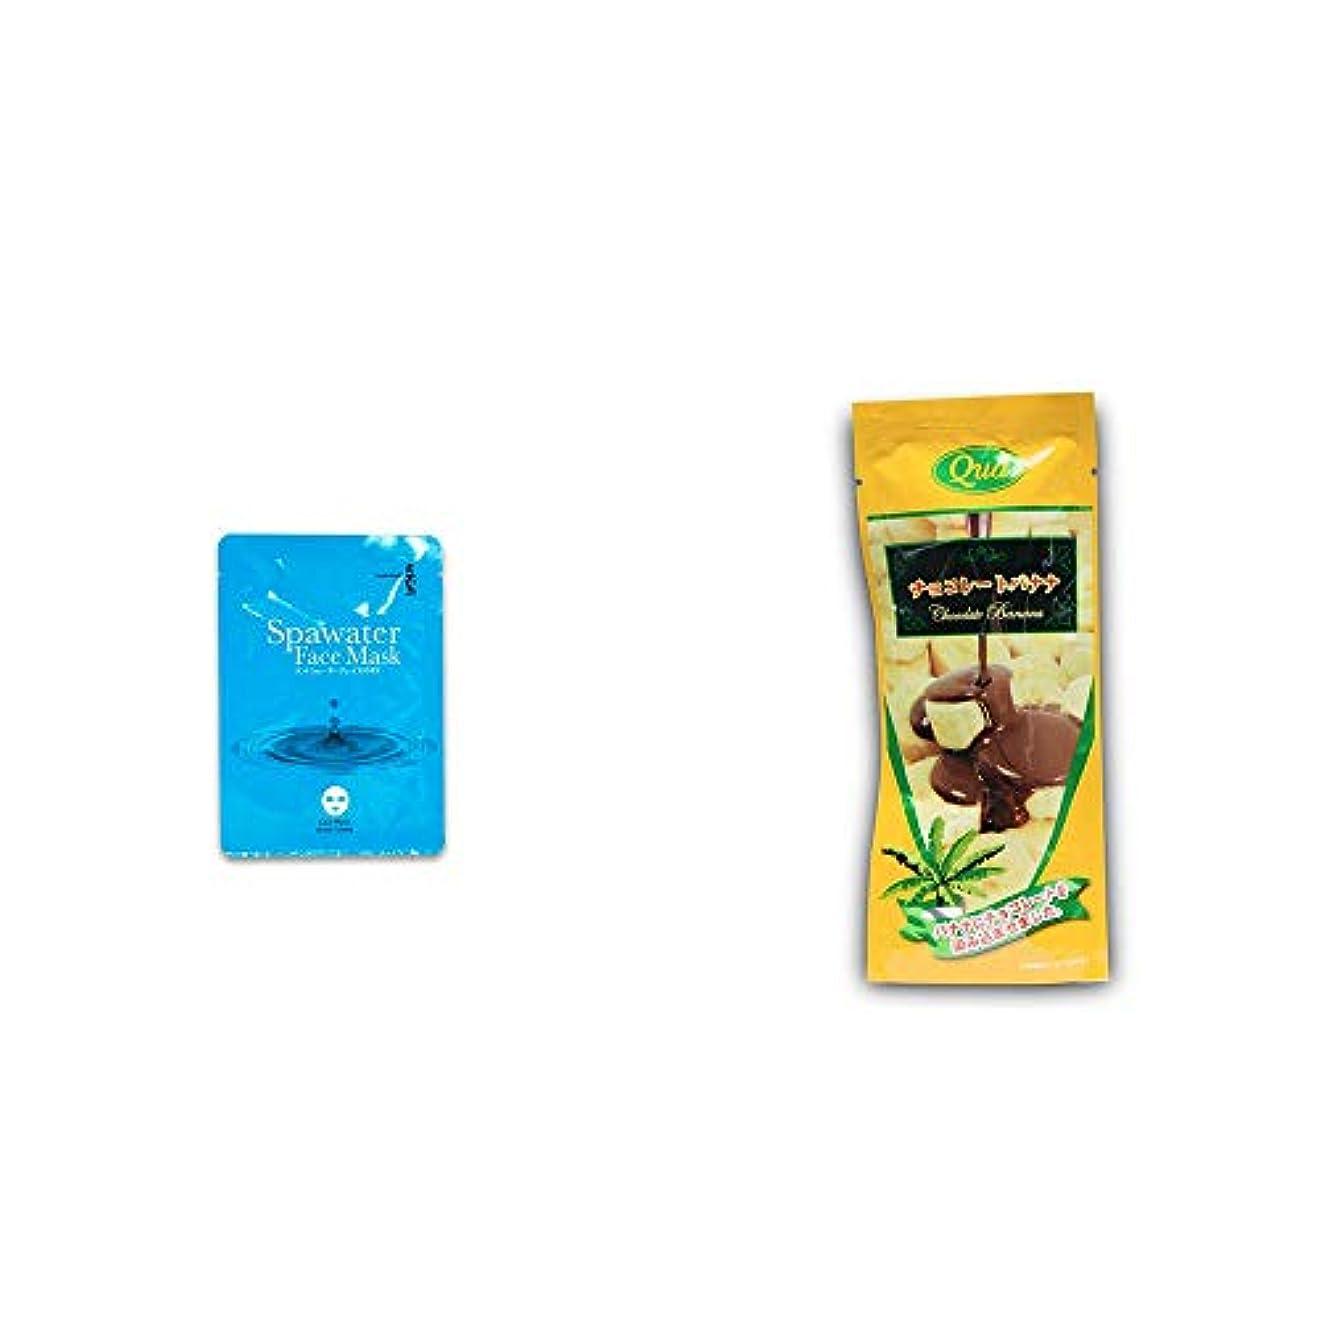 改革自然醜い[2点セット] ひのき炭黒泉 スパウォーターフェイスマスク(18ml×3枚入)?フリーズドライ チョコレートバナナ(50g)